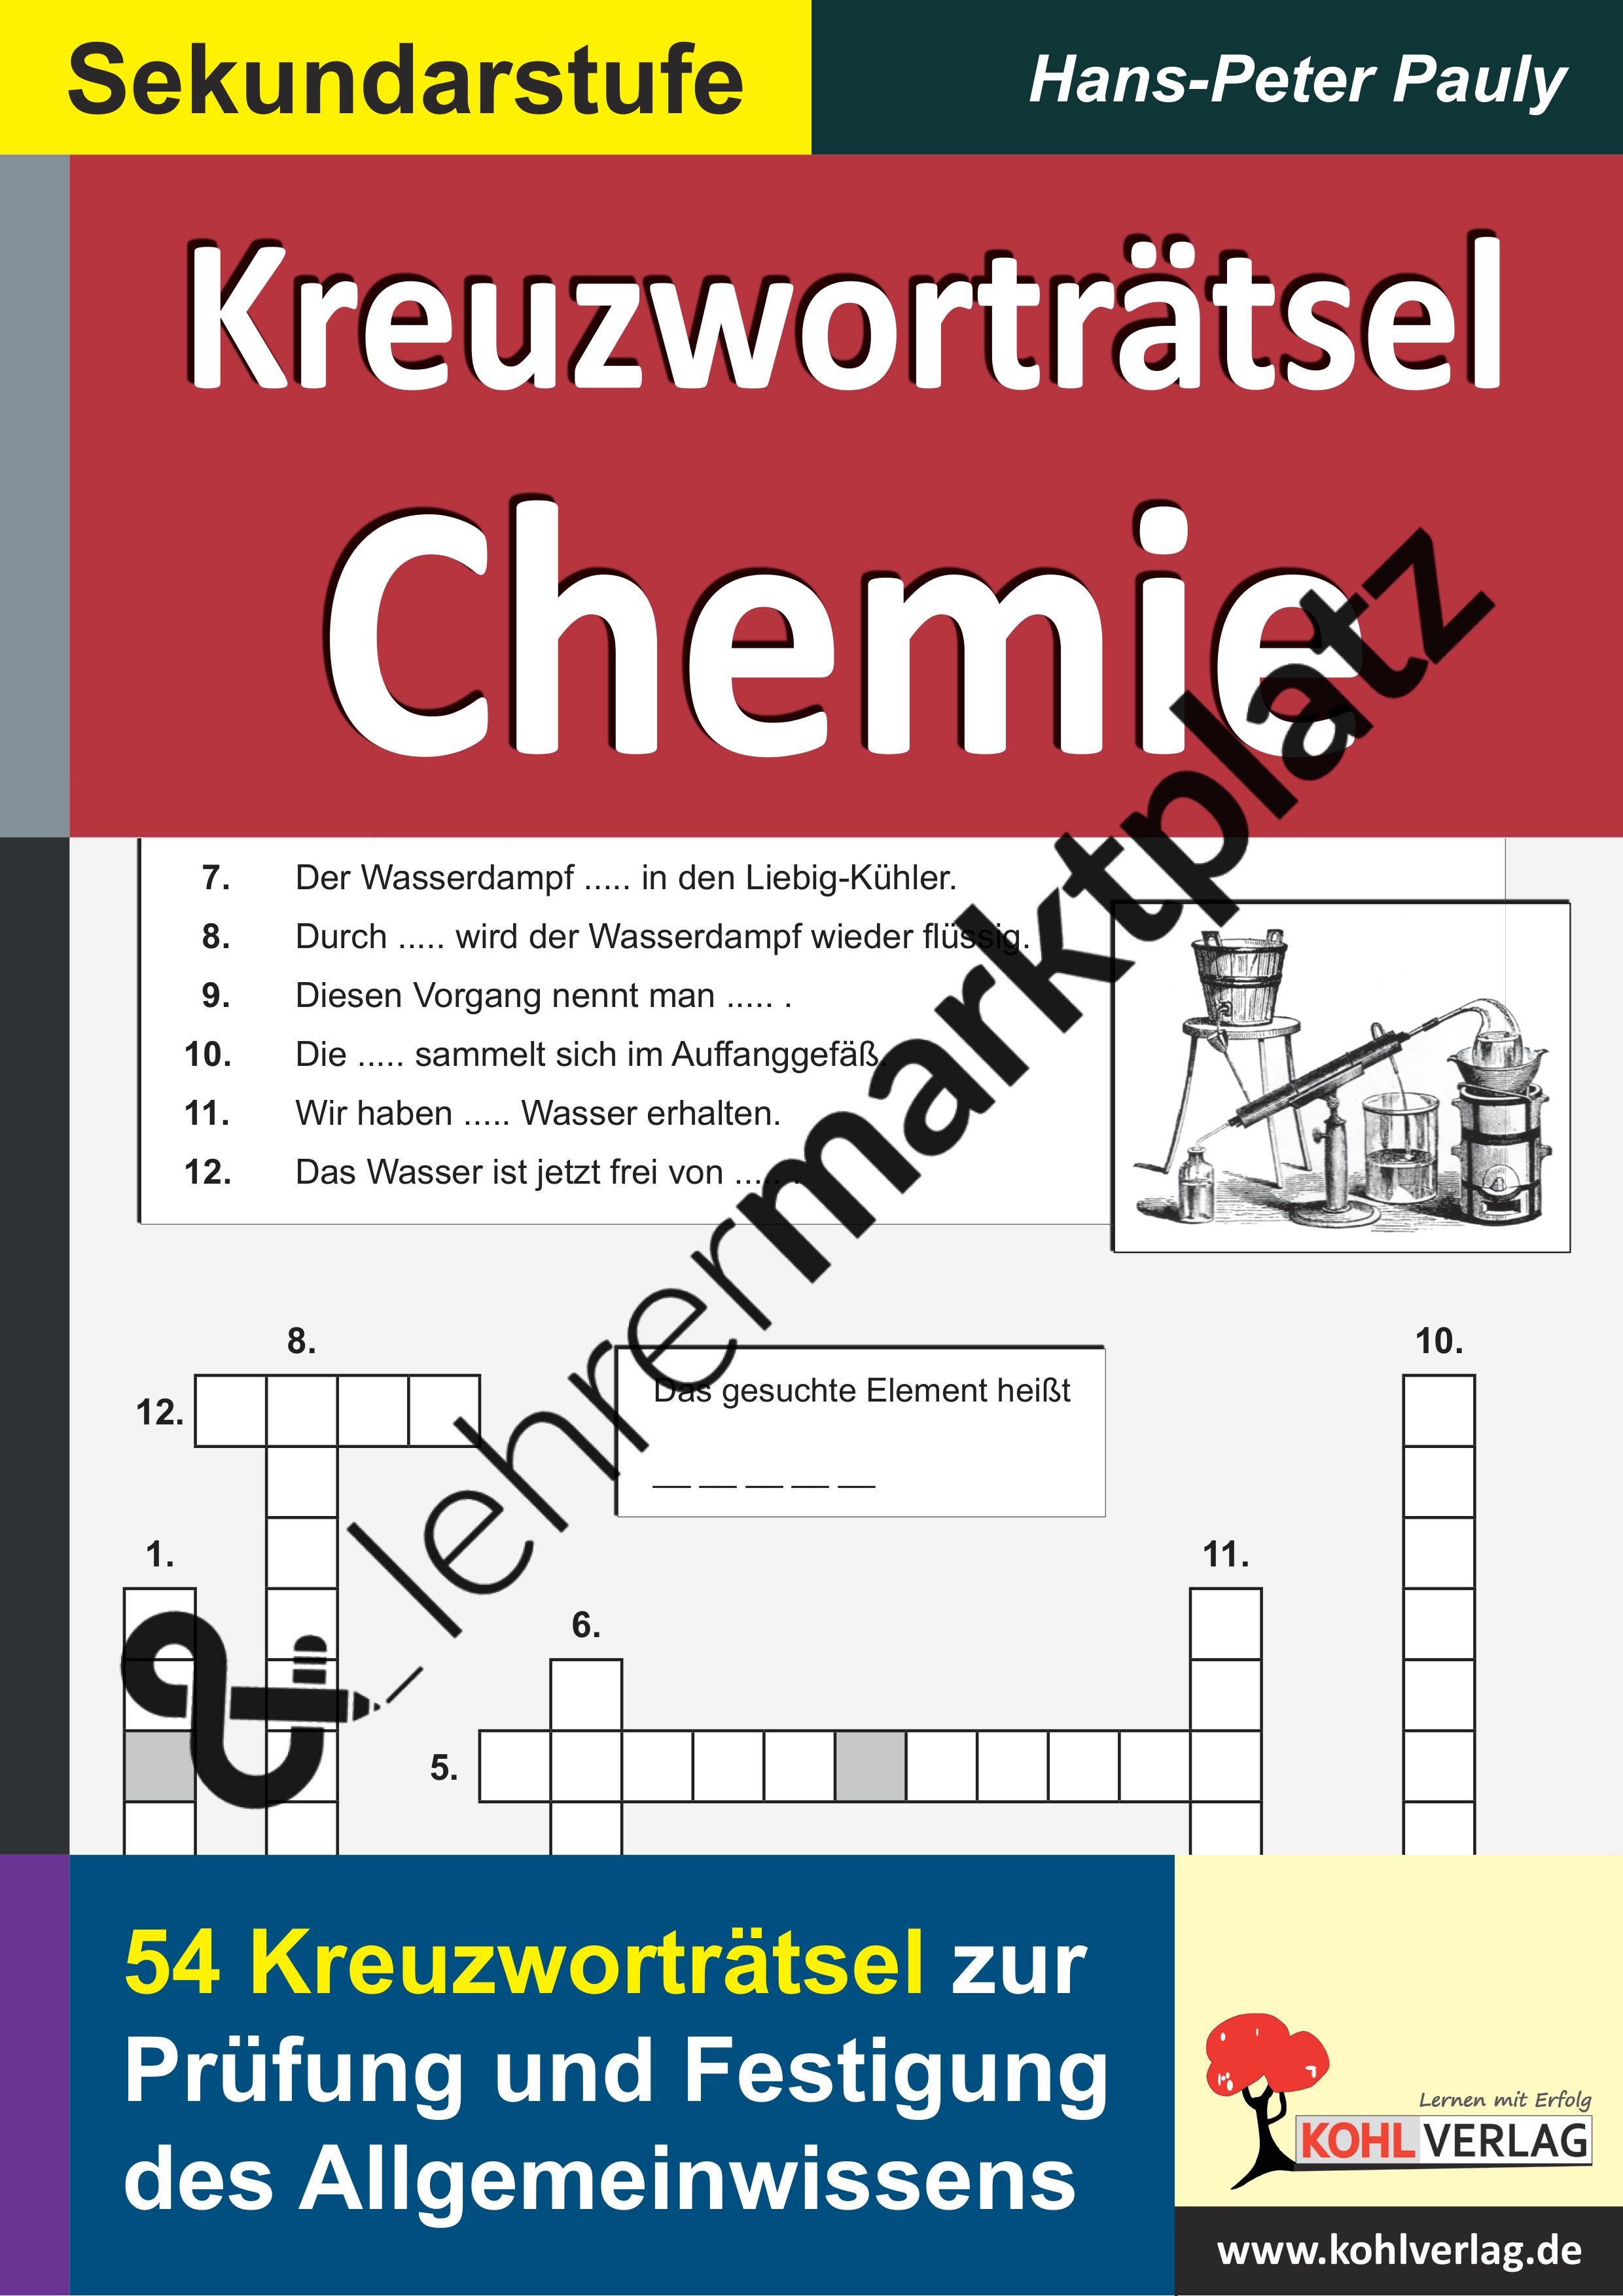 Kreuzworträtsel Chemie